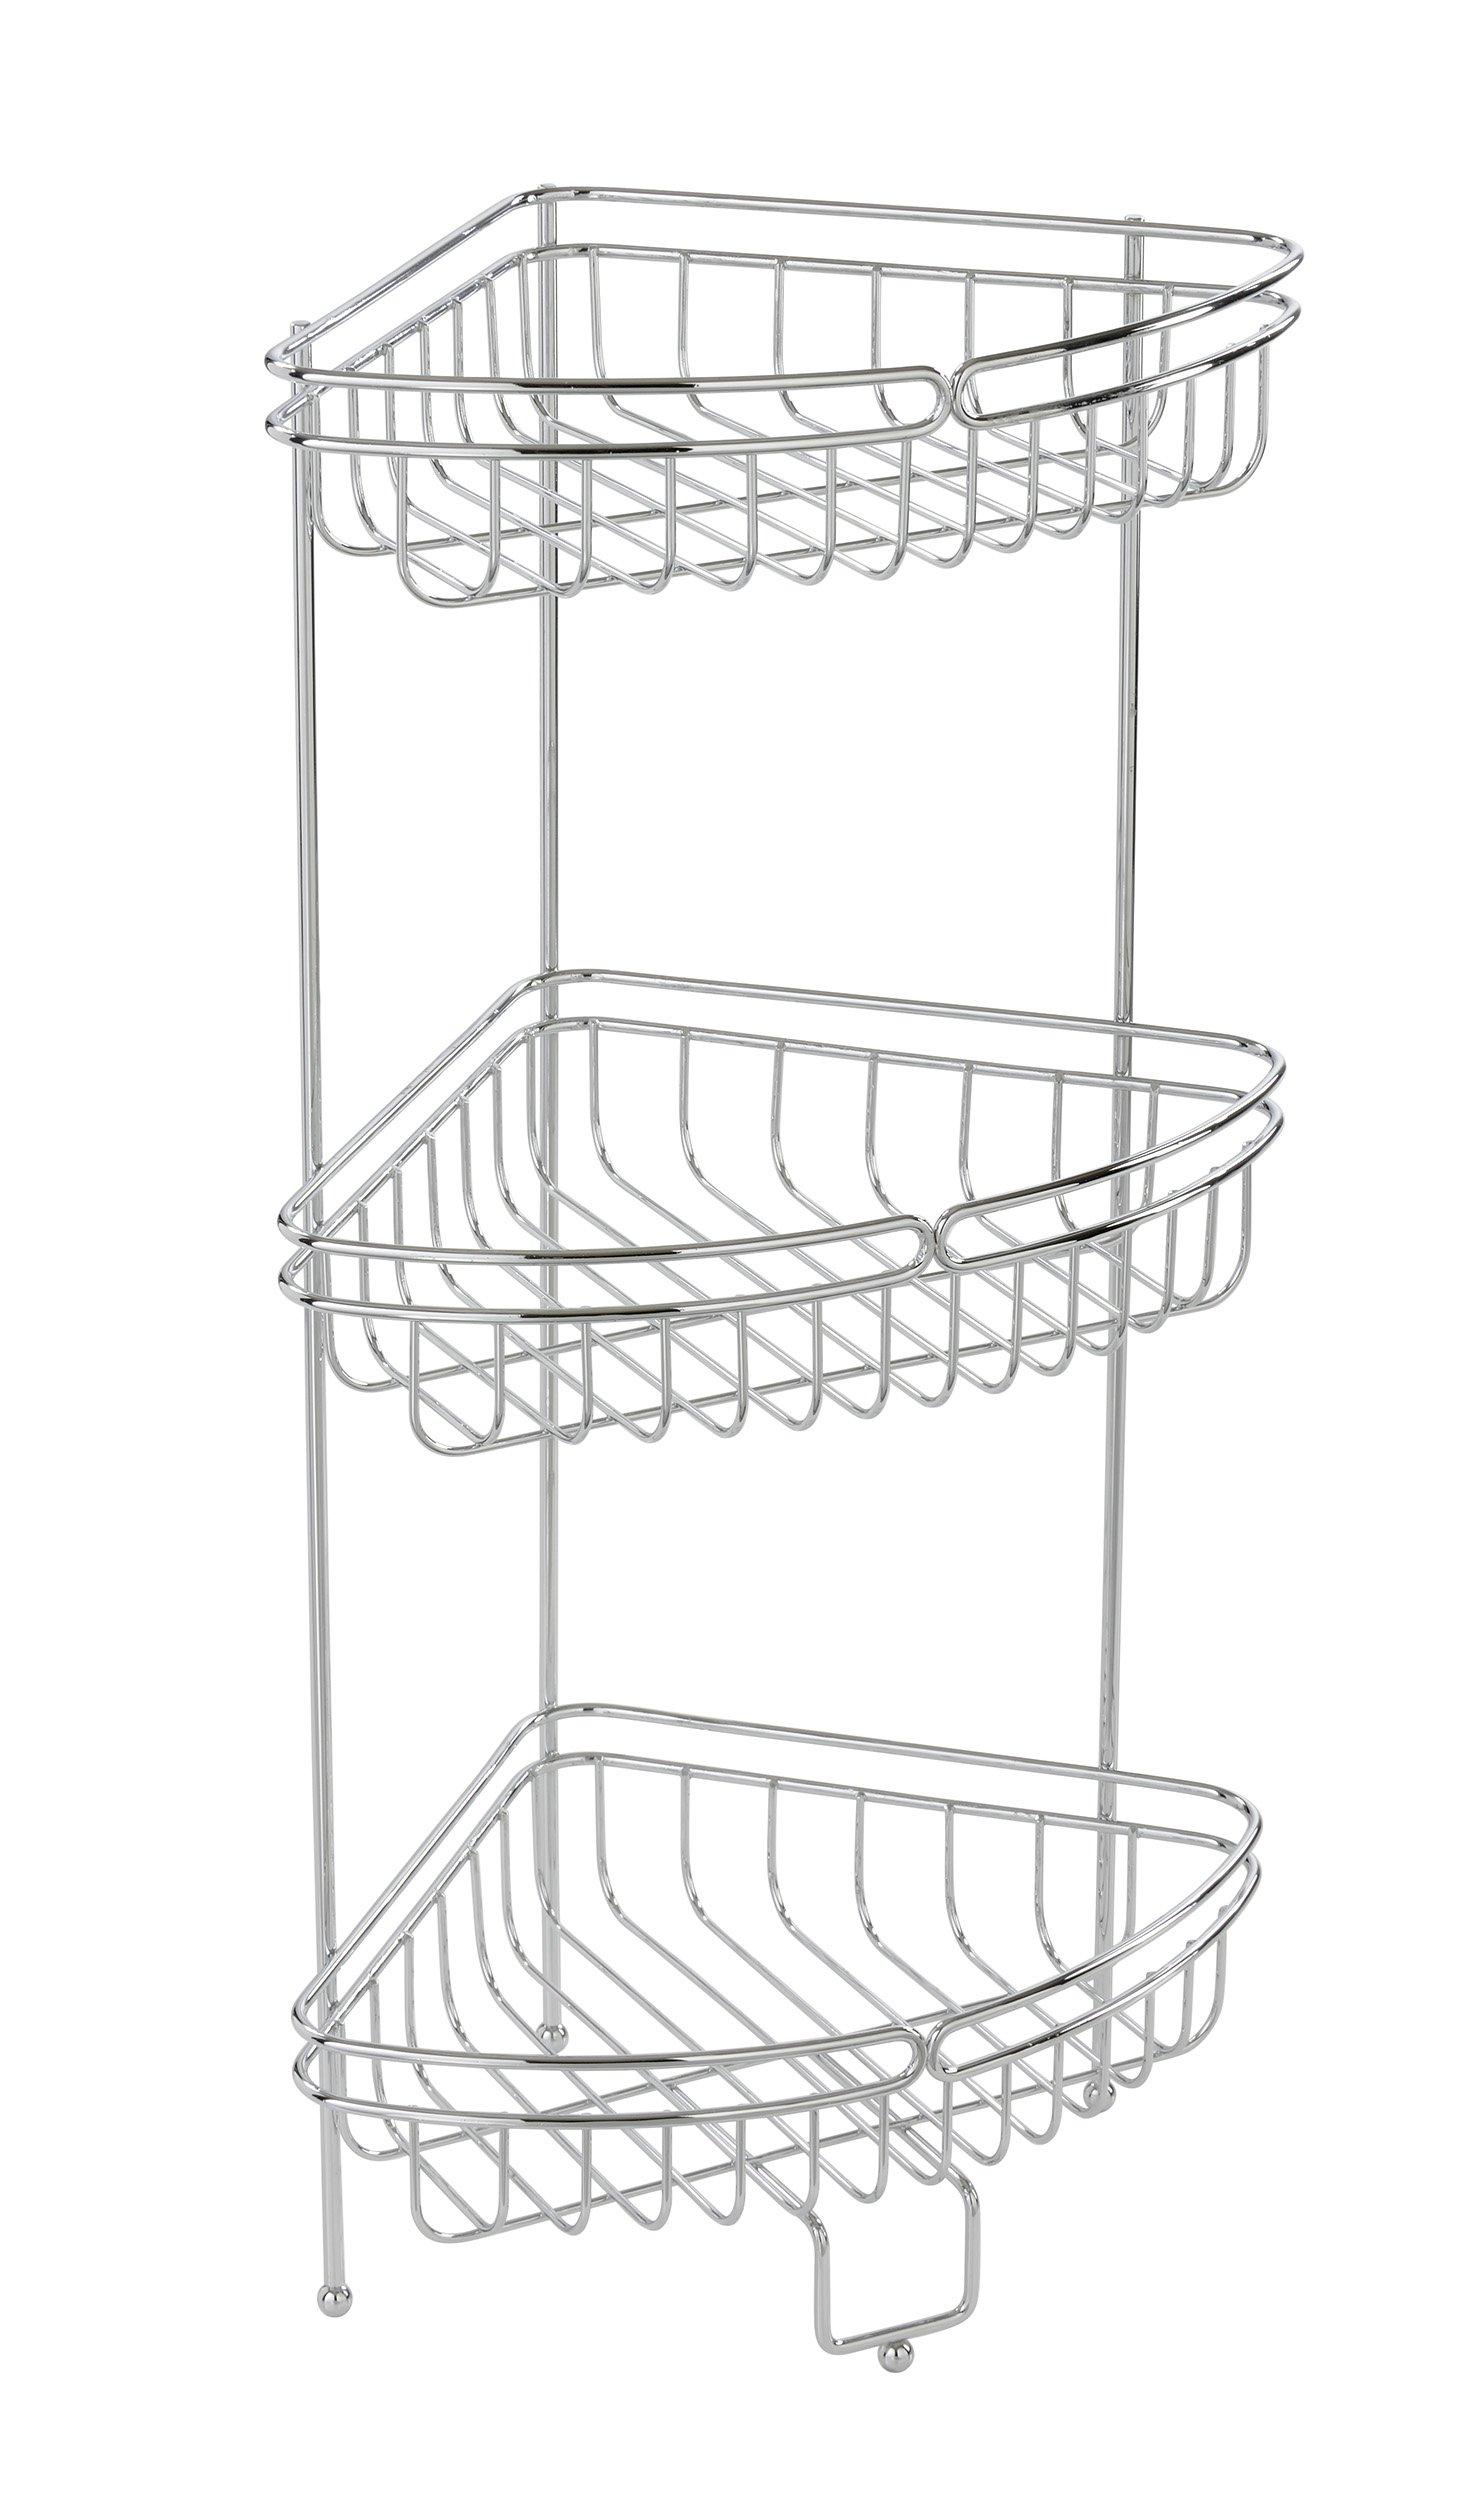 Showerdphoenix Wire Corner Floor Caddy At Barnitts Online Store Uk